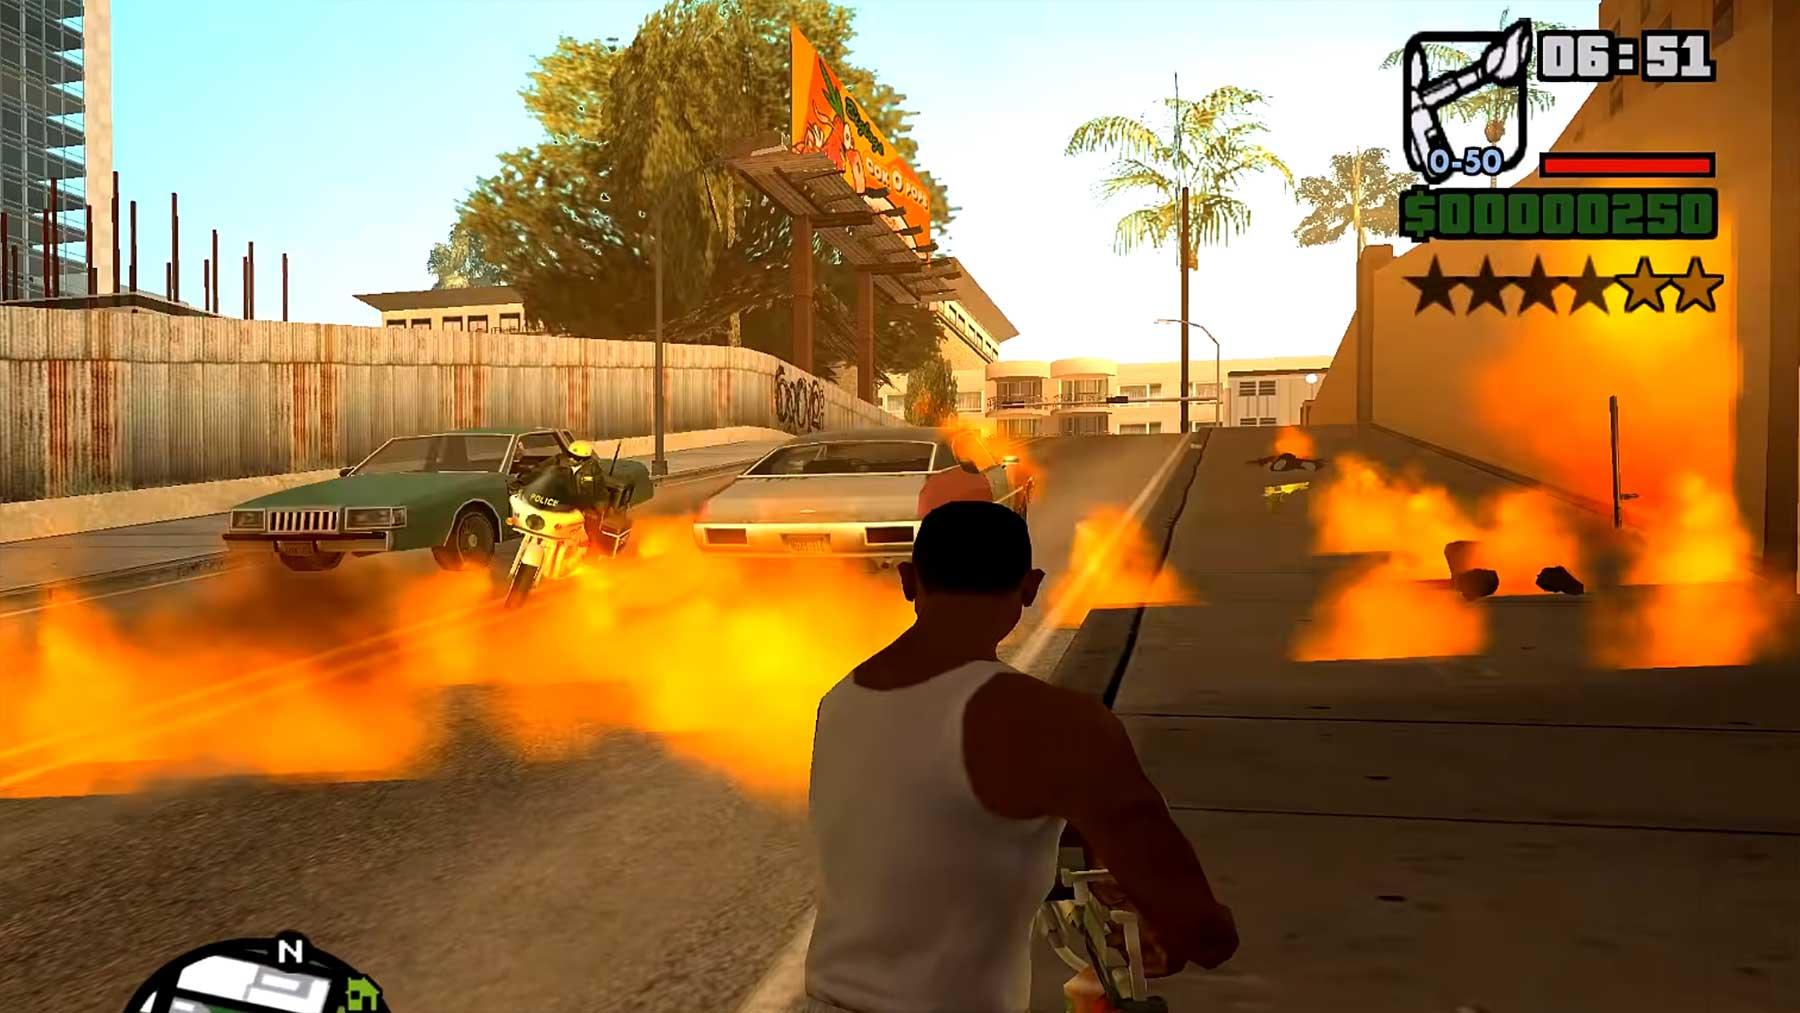 Flammenwerfer in Videospielen